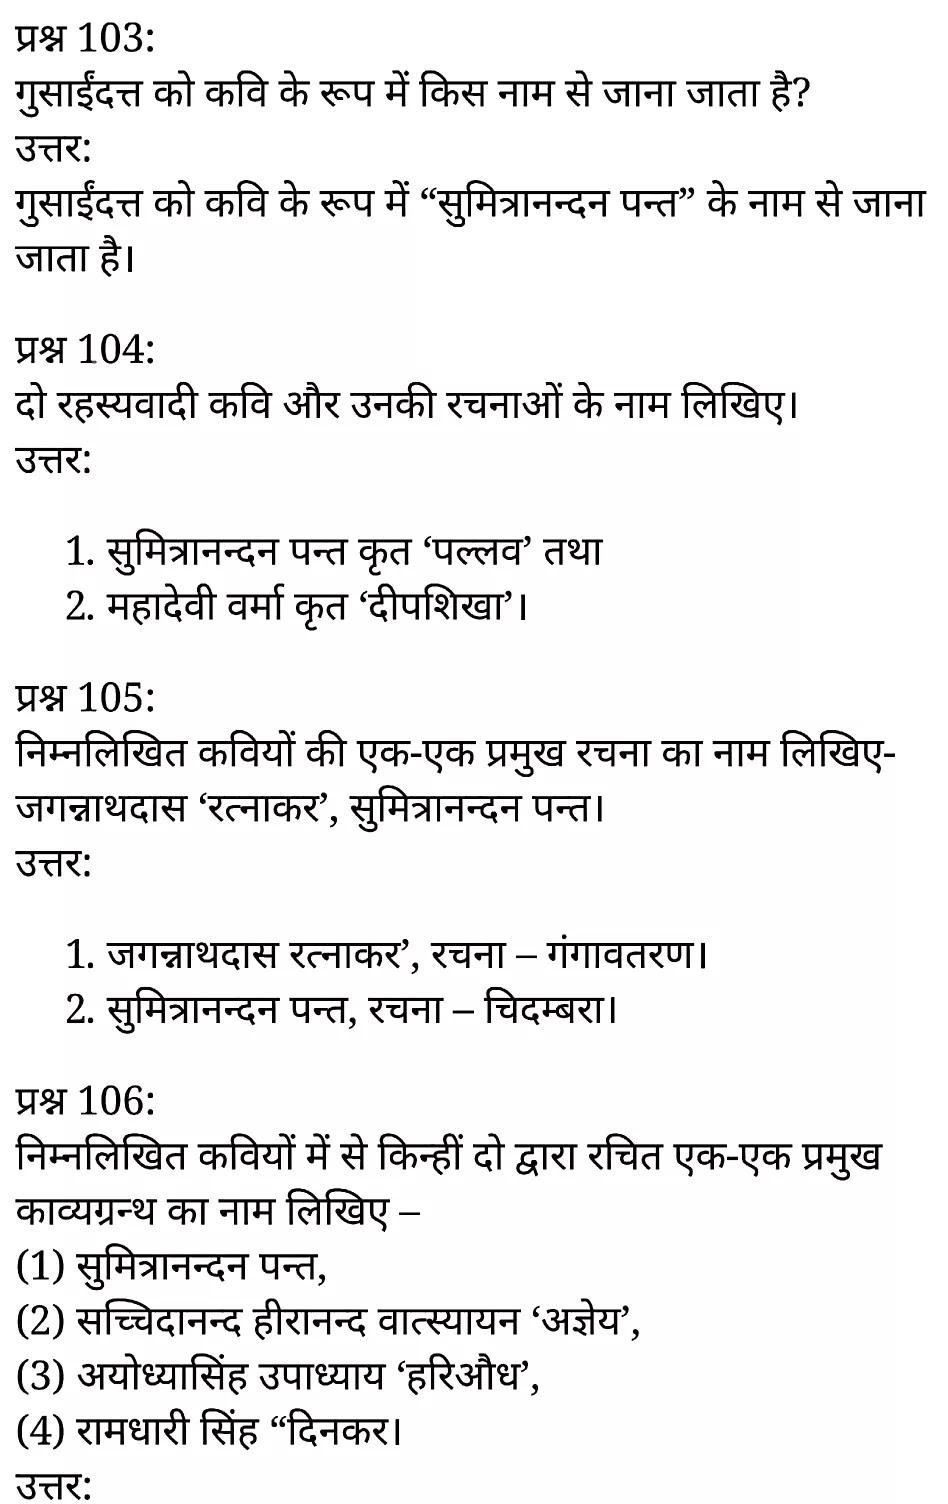 कक्षा 11 सामान्य हिंदीपद्य-साहित्य का विकास अतिलघु उत्तरीय प्रश्न के नोट्स सामान्य हिंदी में एनसीईआरटी समाधान, class 11 samanya hindi pady-saahity ka vikaaspady-saahity ka vikaas atilaghu uttareey prashnn, class 11 samanya hindi pady-saahity ka vikaas atilaghu uttareey prashnnncert solutions in samanya hindi, class 11 samanya hindi pady-saahity ka vikaas atilaghu uttareey prashnnnotes in samanya hindi, class 11 samanya hindi pady-saahity ka vikaas atilaghu uttareey prashnnquestion answer, class 11 samanya hindi pady-saahity ka vikaas atilaghu uttareey prashnnnotes, 11 class pady-saahity ka vikaas atilaghu uttareey prashnnpady-saahity ka vikaas atilaghu uttareey prashnnin samanya hindi, class 11 samanya hindi pady-saahity ka vikaas atilaghu uttareey prashnnin samanya hindi, class 11 samanya hindi pady-saahity ka vikaas atilaghu uttareey prashnnimportant questions in samanya hindi, class 11 samanya hindi pady-saahity ka vikaas atilaghu uttareey prashnn notes in samanya hindi, class 11 samanya hindi pady-saahity ka vikaas atilaghu uttareey prashn ntest, class 11 samanya hindi chapter 1 pady-saahity ka vikaas atilaghu uttareey prashnnpdf, class 11 samanya hindi pady-saahity ka vikaas atilaghu uttareey prashnnnotes pdf, class 11 samanya hindi pady-saahity ka vikaas atilaghu uttareey prashnnexercise solutions, class 11 samanya hindi pady-saahity ka vikaaspady-saahity ka vikaas atilaghu uttareey prashnn, class 11 samanya hindi pady-saahity ka vikaas atilaghu uttareey prashnnnotes study rankers, class 11 samanya hindi pady-saahity ka vikaas atilaghu uttareey prashnnnotes, class 11 samanya hindi pady-saahity ka vikaas atilaghu uttareey prashnn notes, pady-saahity ka vikaas atilaghu uttareey prashn pady-saahity ka vikaas atilaghu uttareey prashnn class 11 notes pdf, pady-saahity ka vikaas atilaghu uttareey prashnnclass 11 notes ncert, pady-saahity ka vikaas atilaghu uttareey prashnnclass 11 pdf, pady-saahity ka vikaas atilaghu uttareey prashnn book, pady-saahity ka vikaas ati